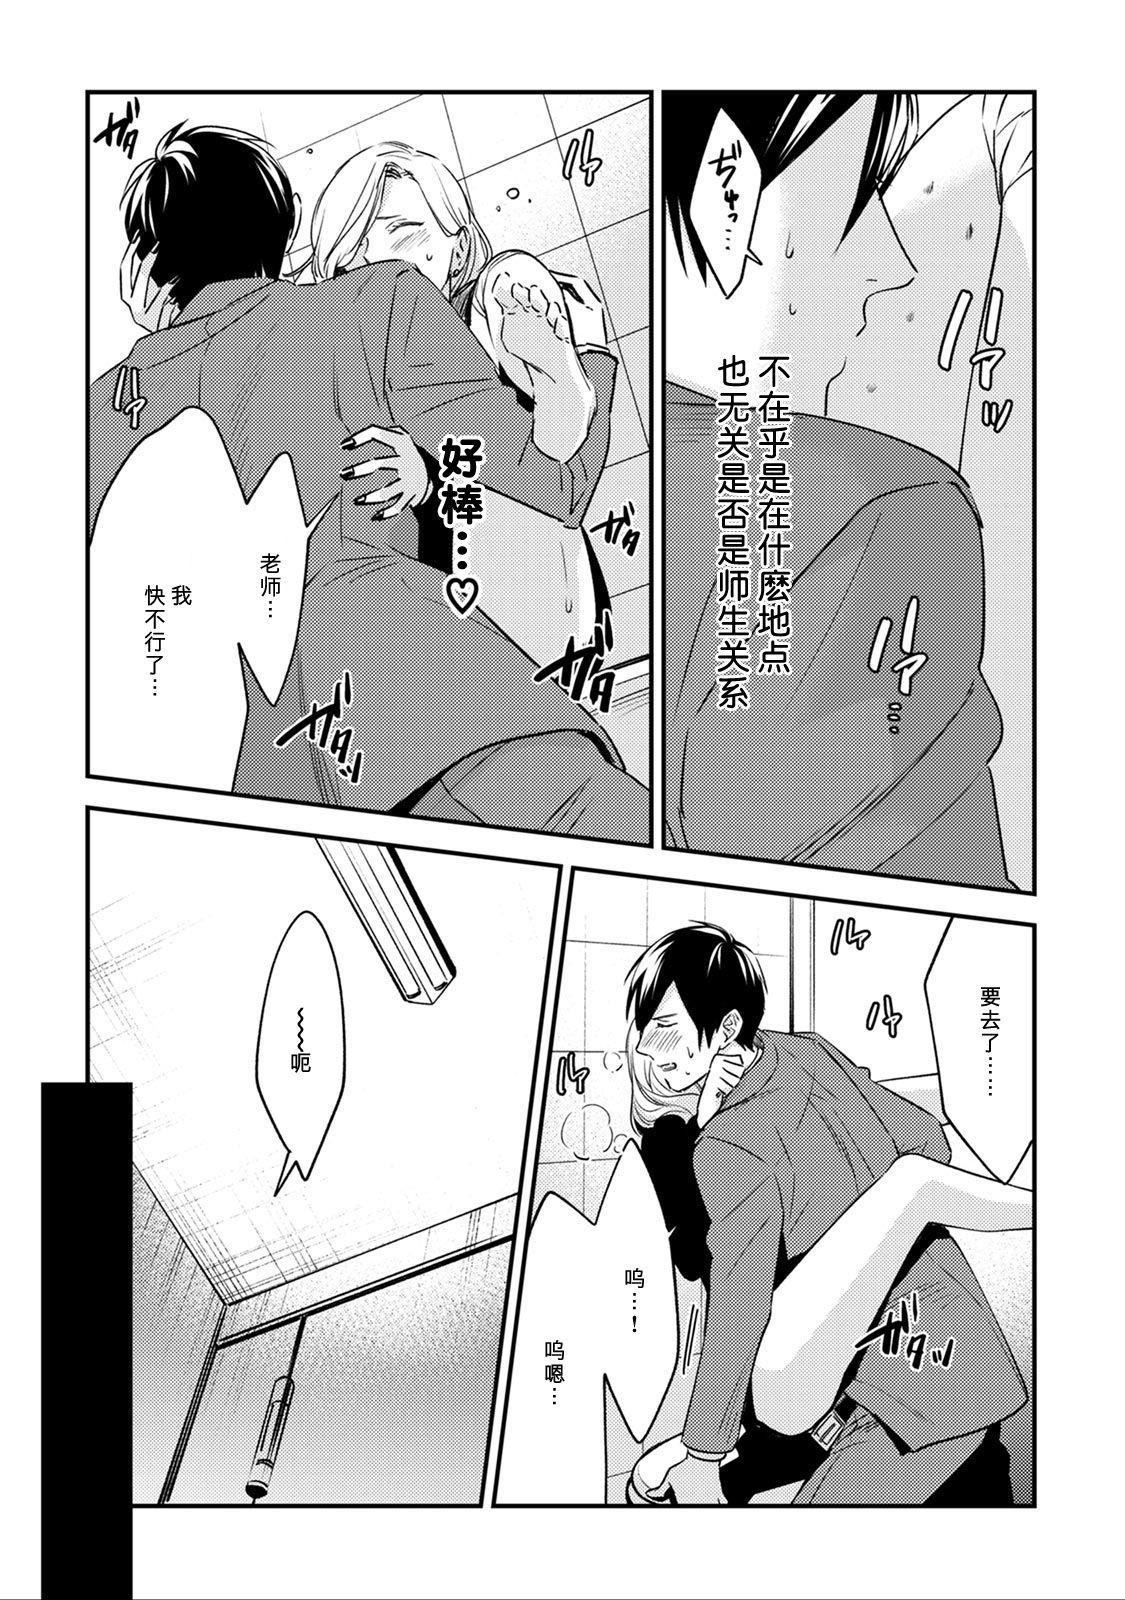 [Reiji] Sensei no Himitsu ~Kimi no ❤❤ ga Suki~ 2 [Chinese][莉赛特汉化组] 34